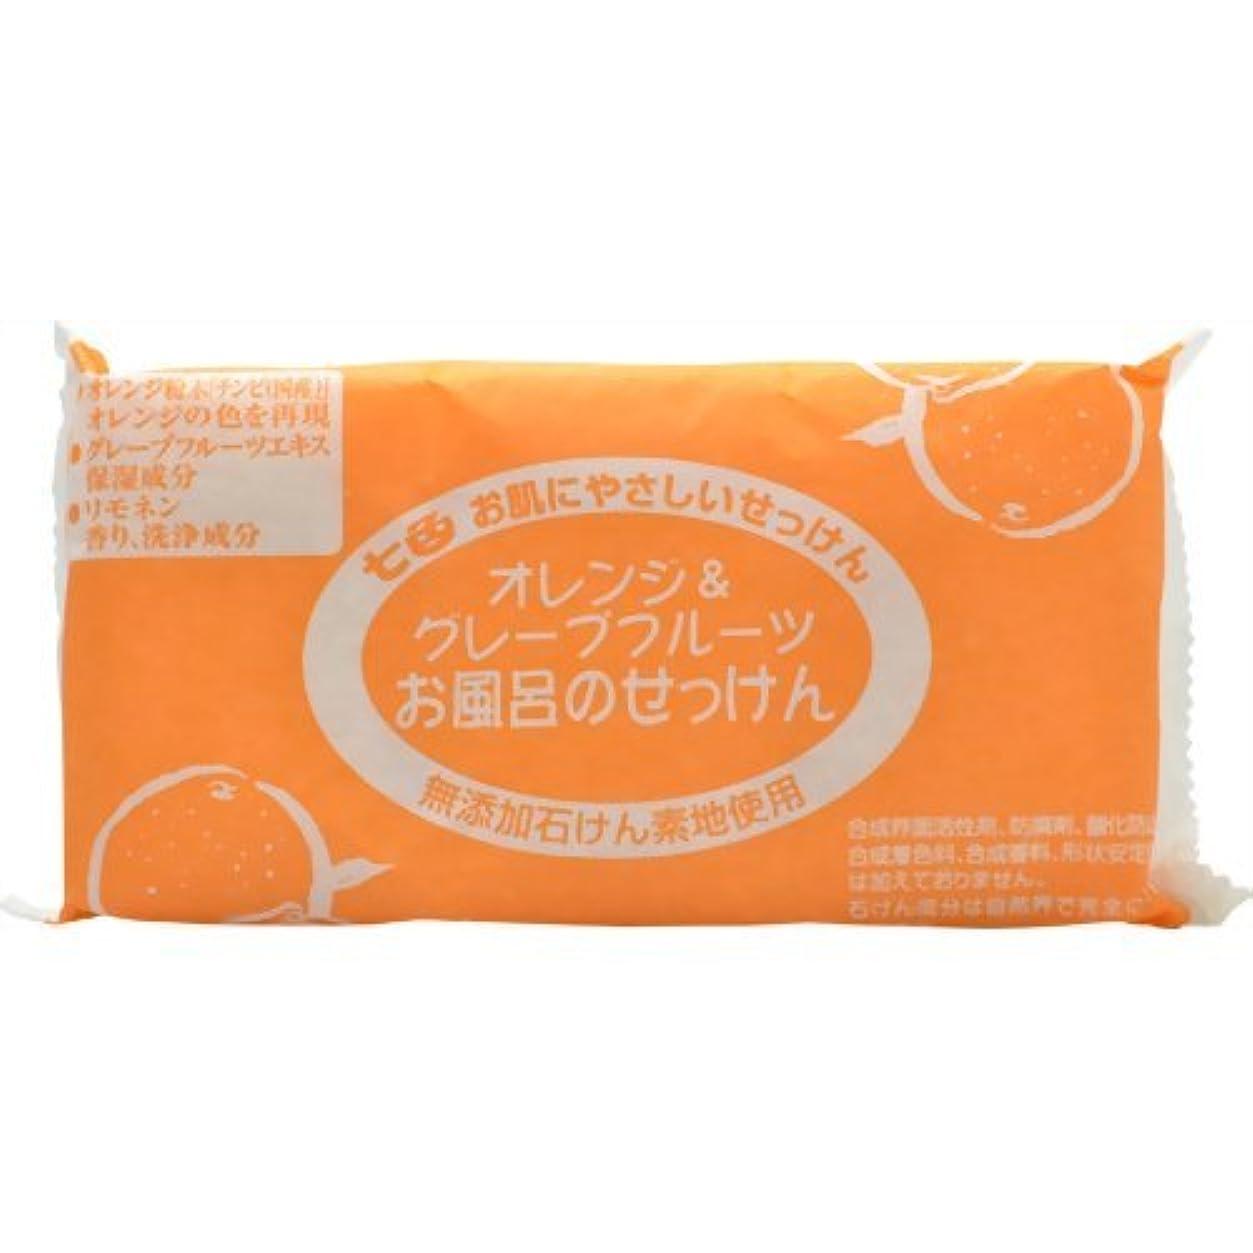 寛解天才ハウジングまるは オレンジ&グレープフルーツ お風呂の石鹸 3個入り